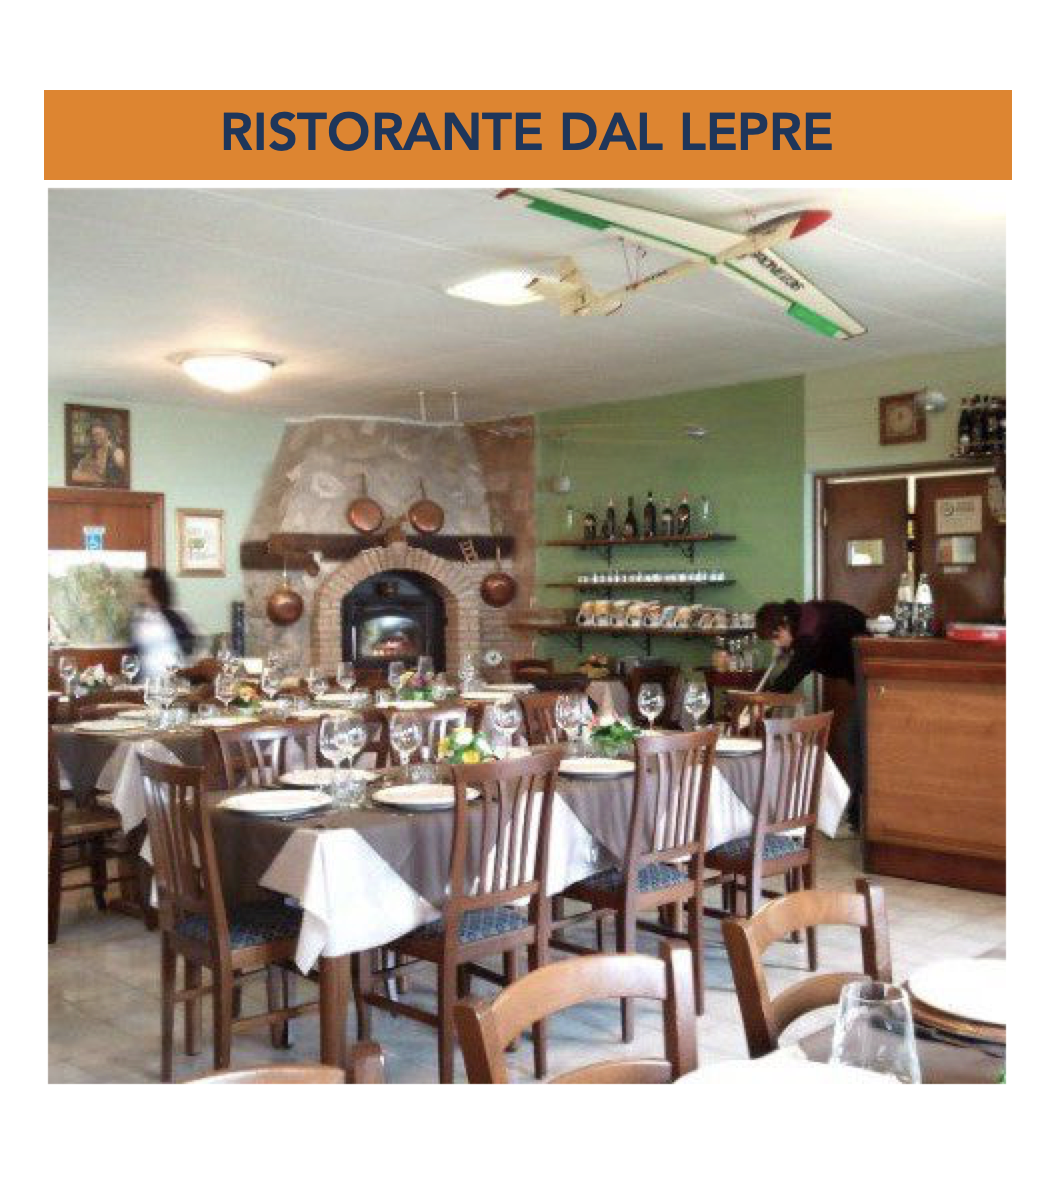 RISTORANTE DAL LEPRE - Loc. Pian del Monte - 06028 SIGILLO (Pg)Tel. +39 338.1863355Facebook f.lepri1971@tiscali.it